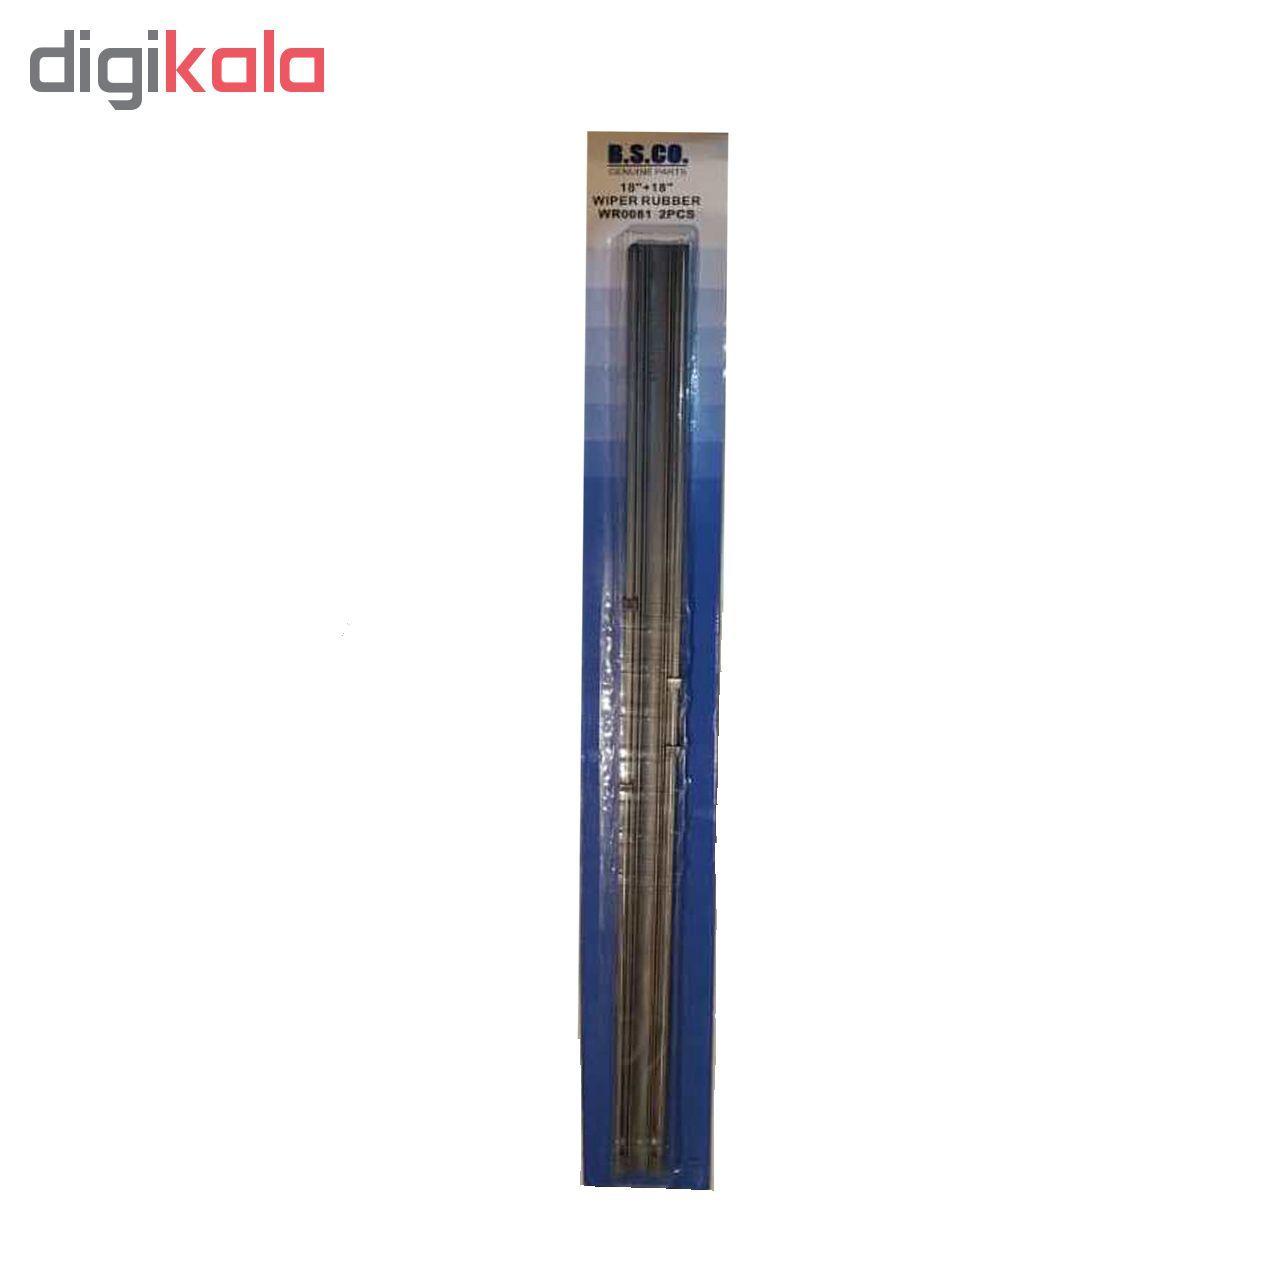 لاستیک تیغه برف پاکن بی.اس.کو مدل S4 مناسب برای پراید main 1 3